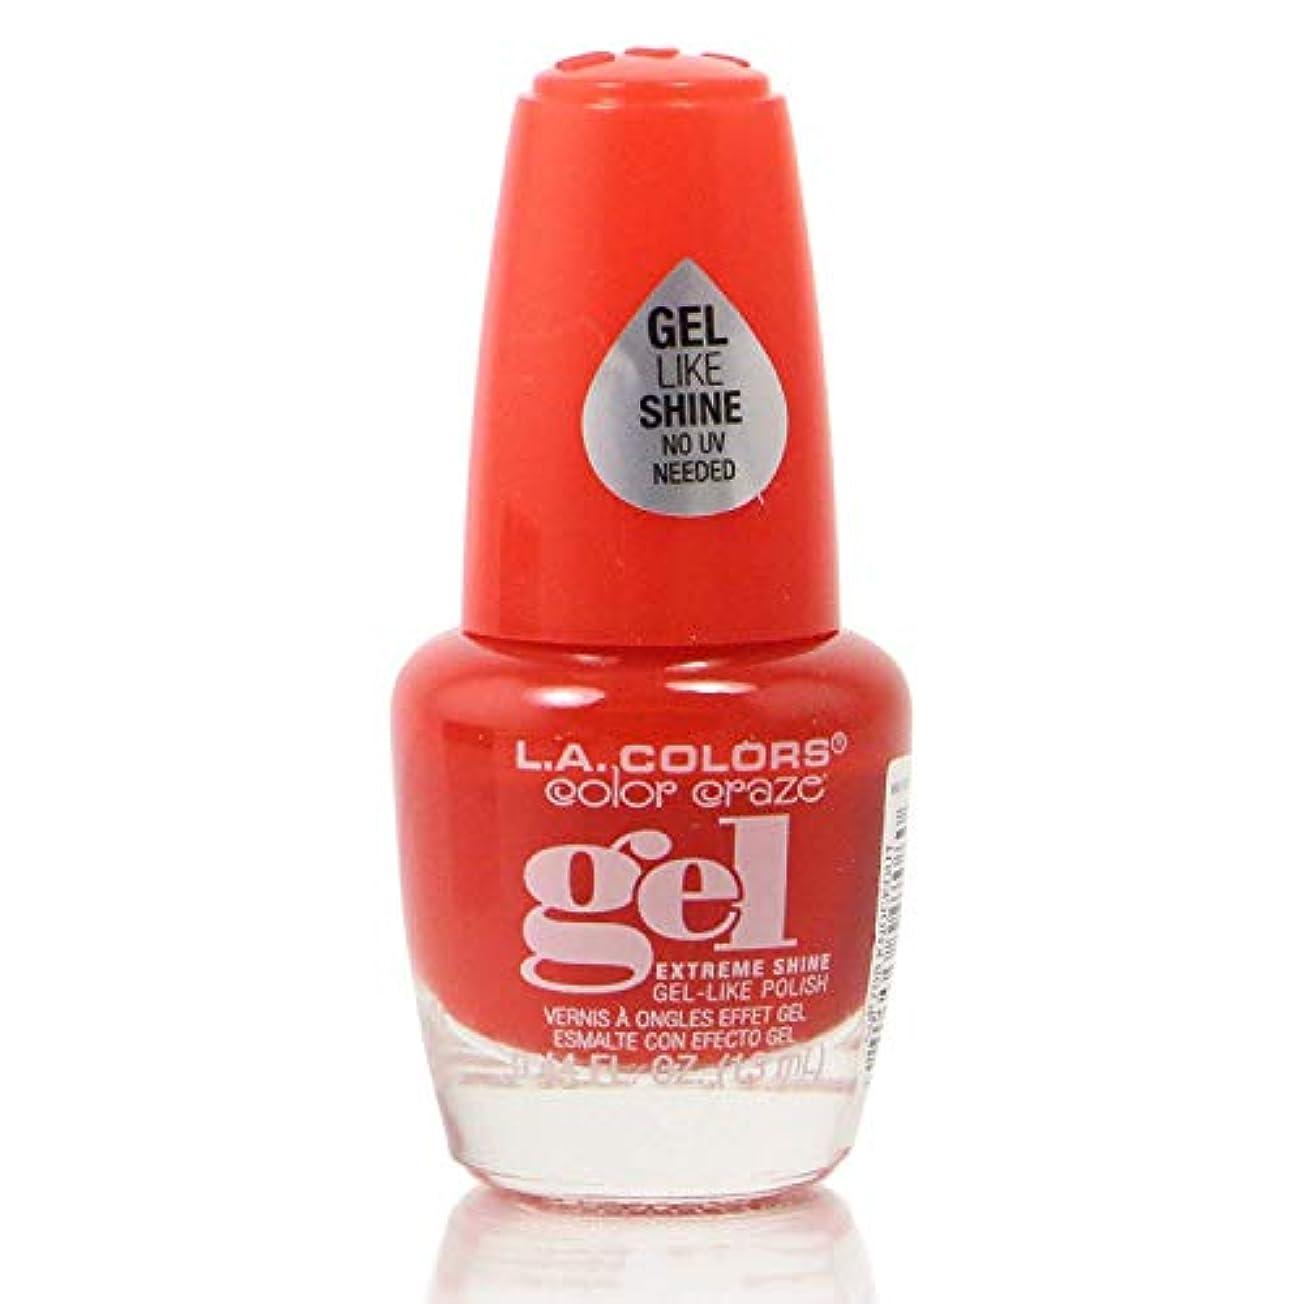 論争の的品揃えリーガンLA Colors 美容化粧品21 Cnp708美容化粧品21